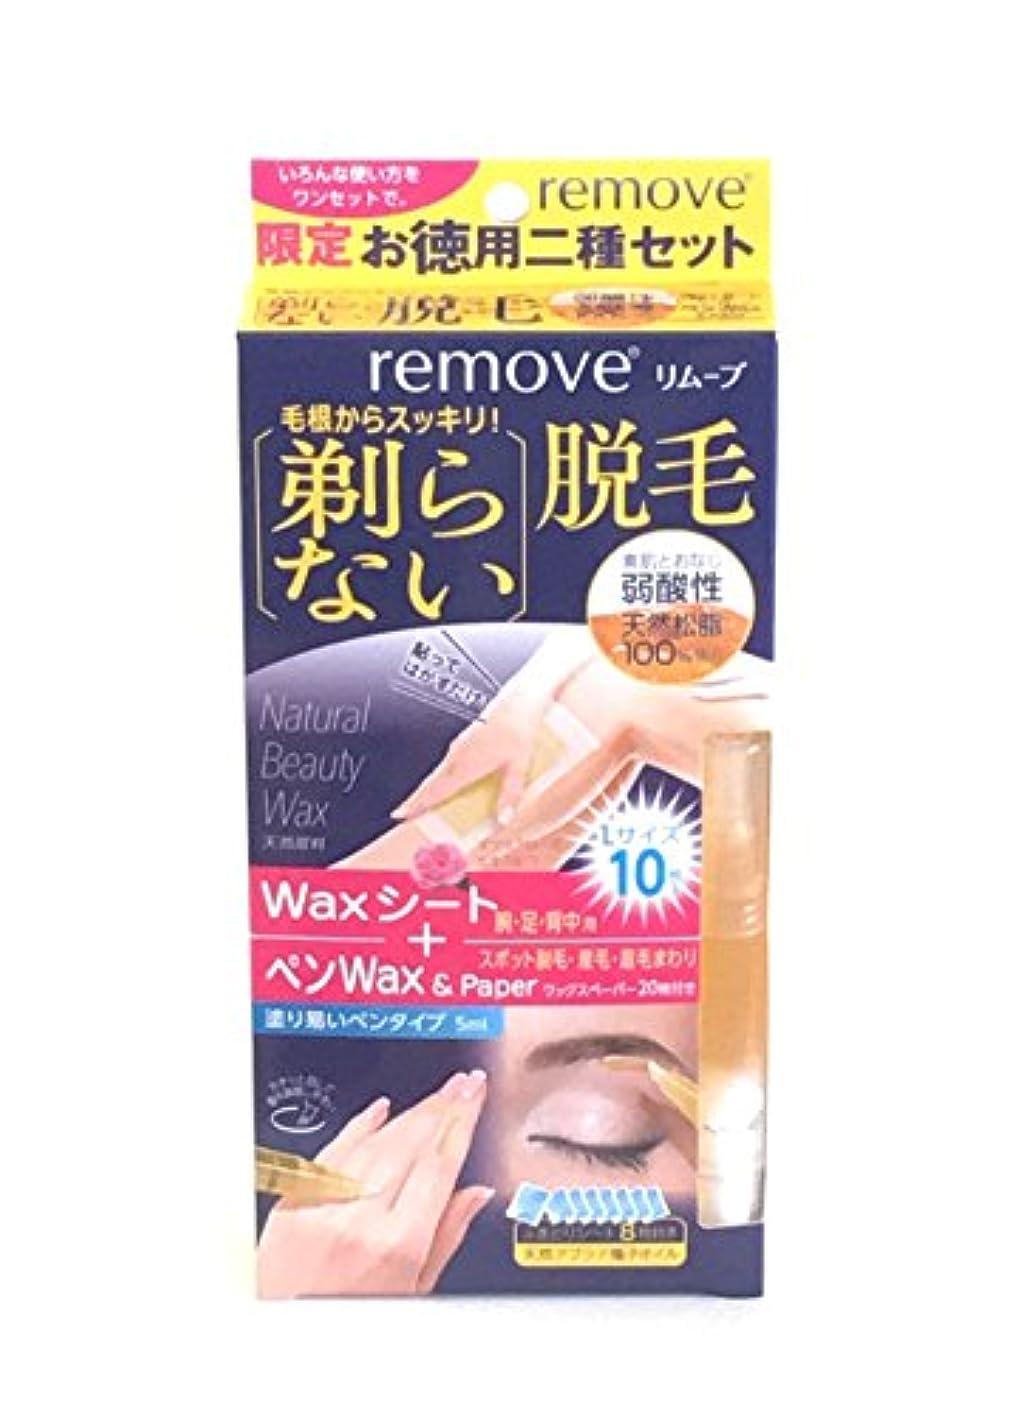 軽減するメタリック変数リムーブ 剃らない脱毛 二種ワックスセット (ペンワックス 5ml、ワックスシート 10枚)